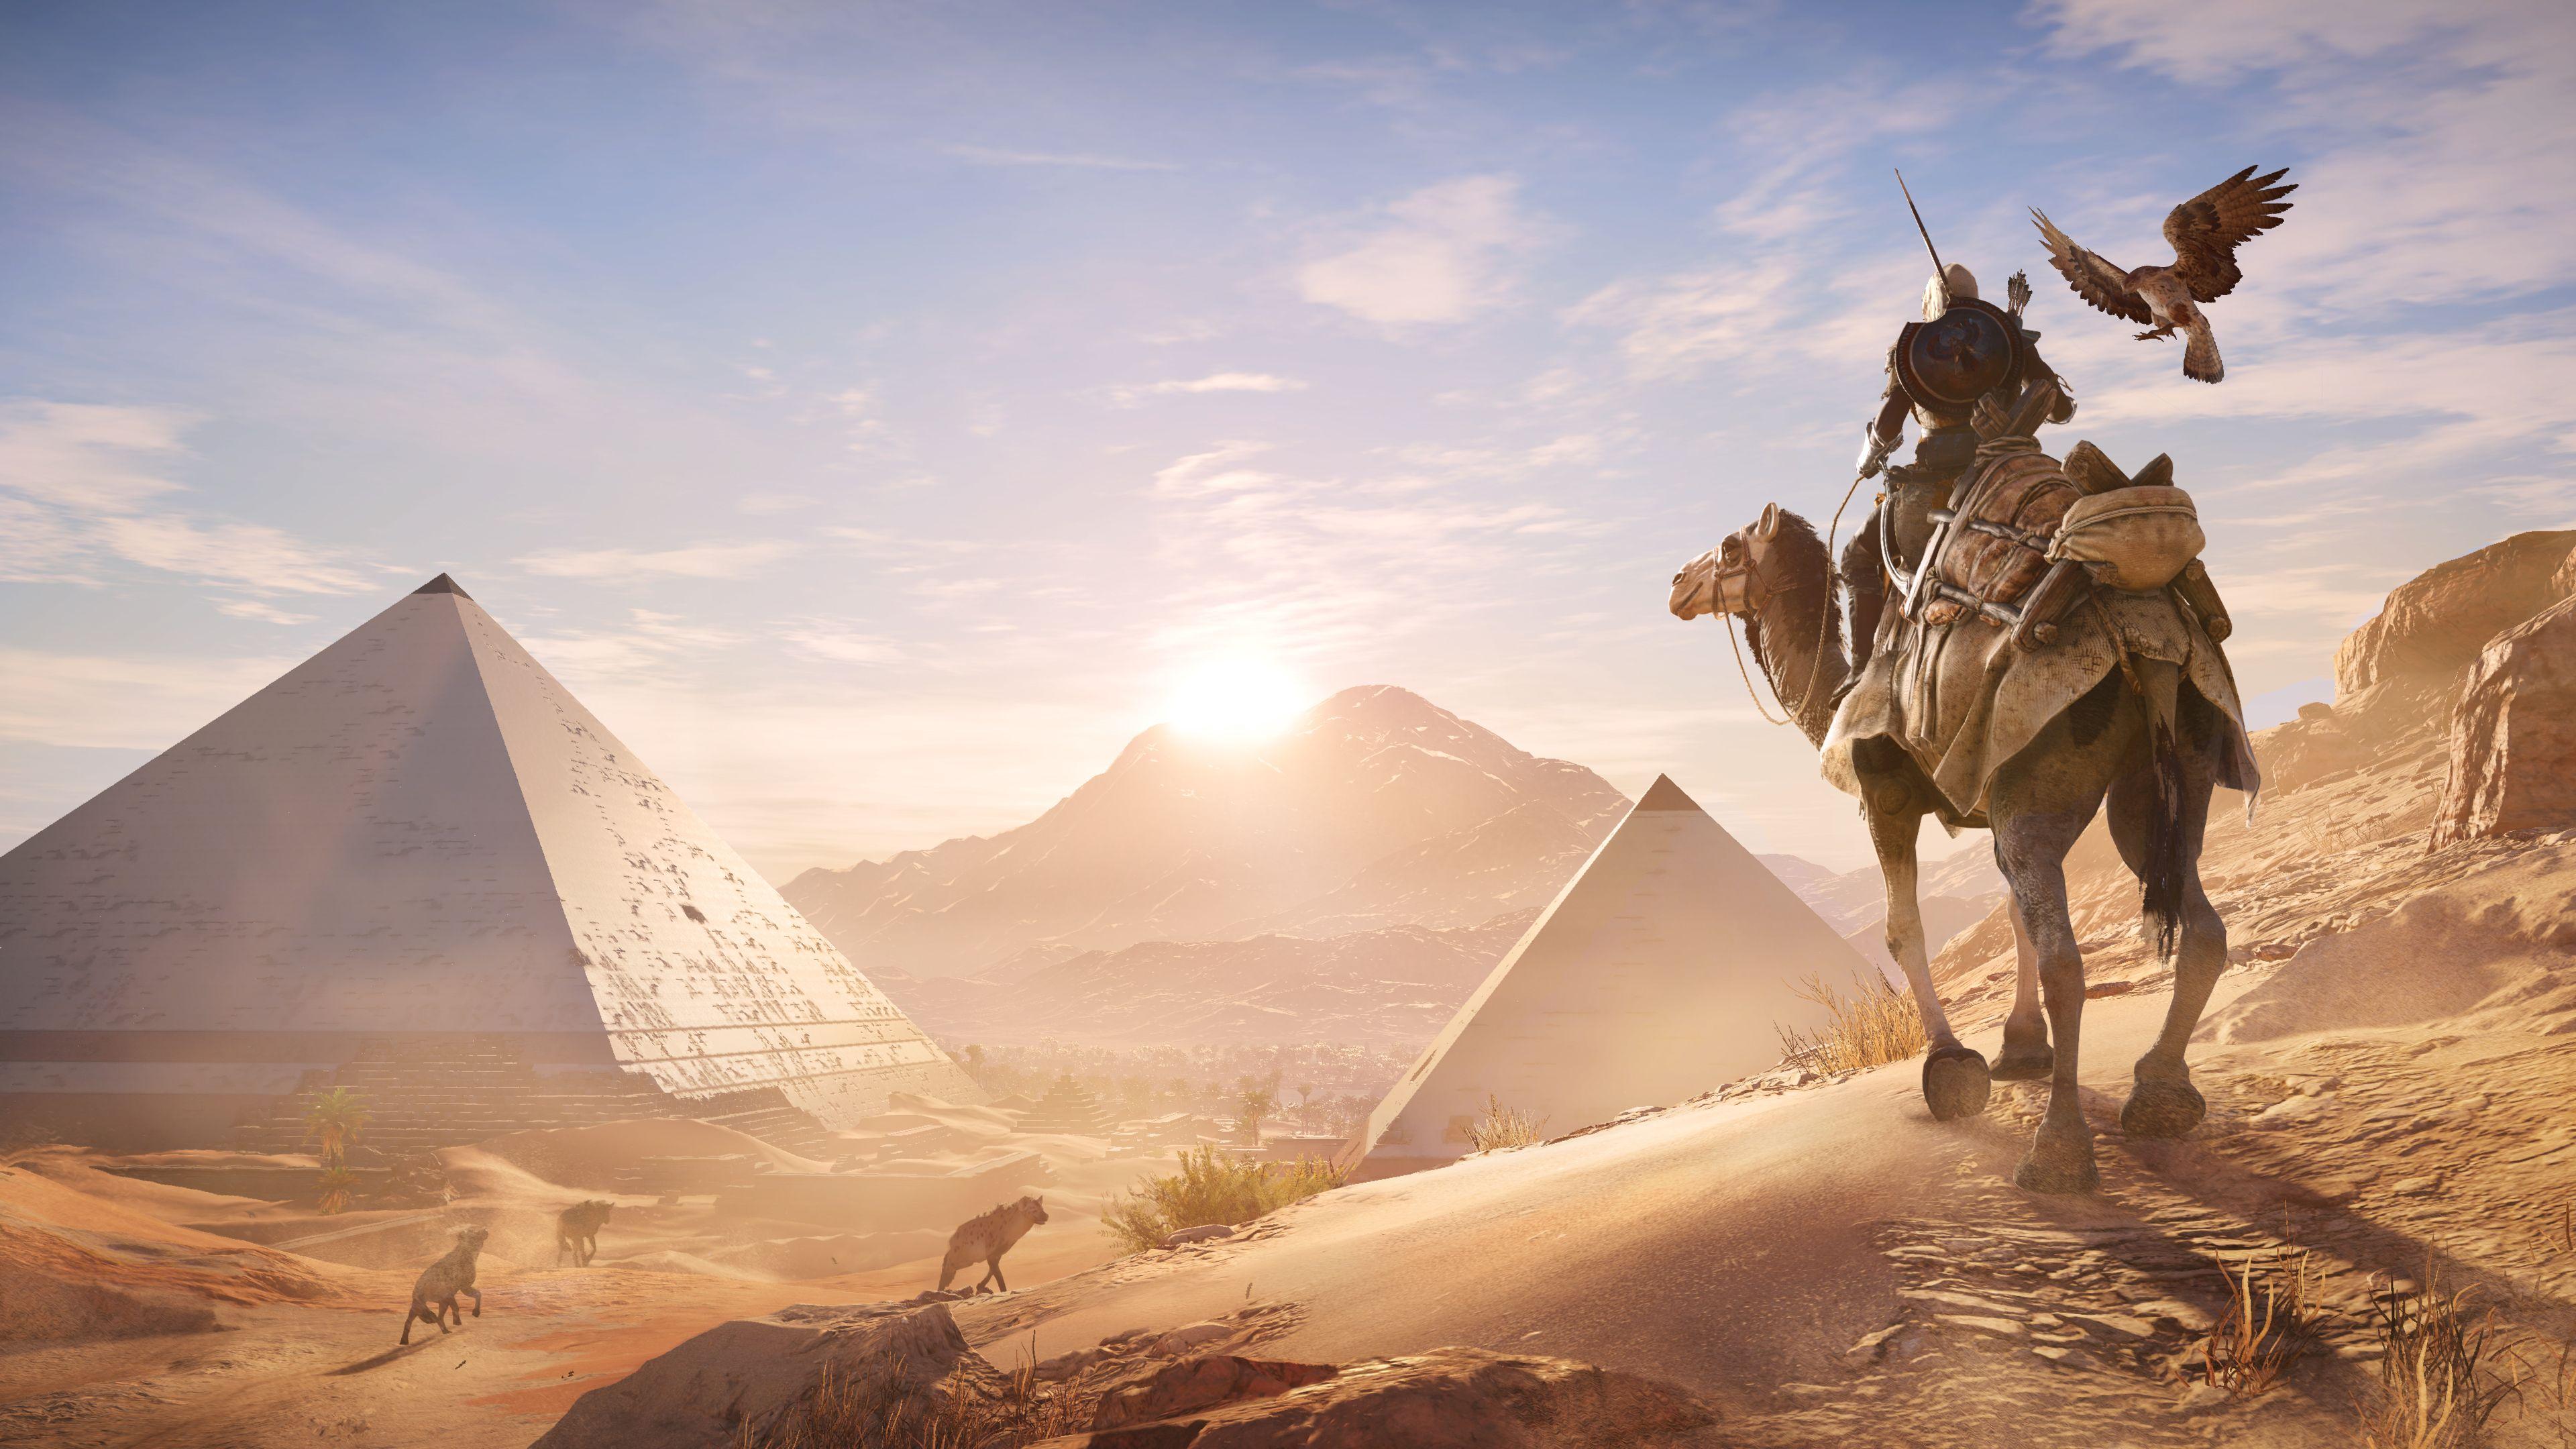 Воин на верблюде с длинным копьем и летящим рядом орлом в пустыне среди пирамид